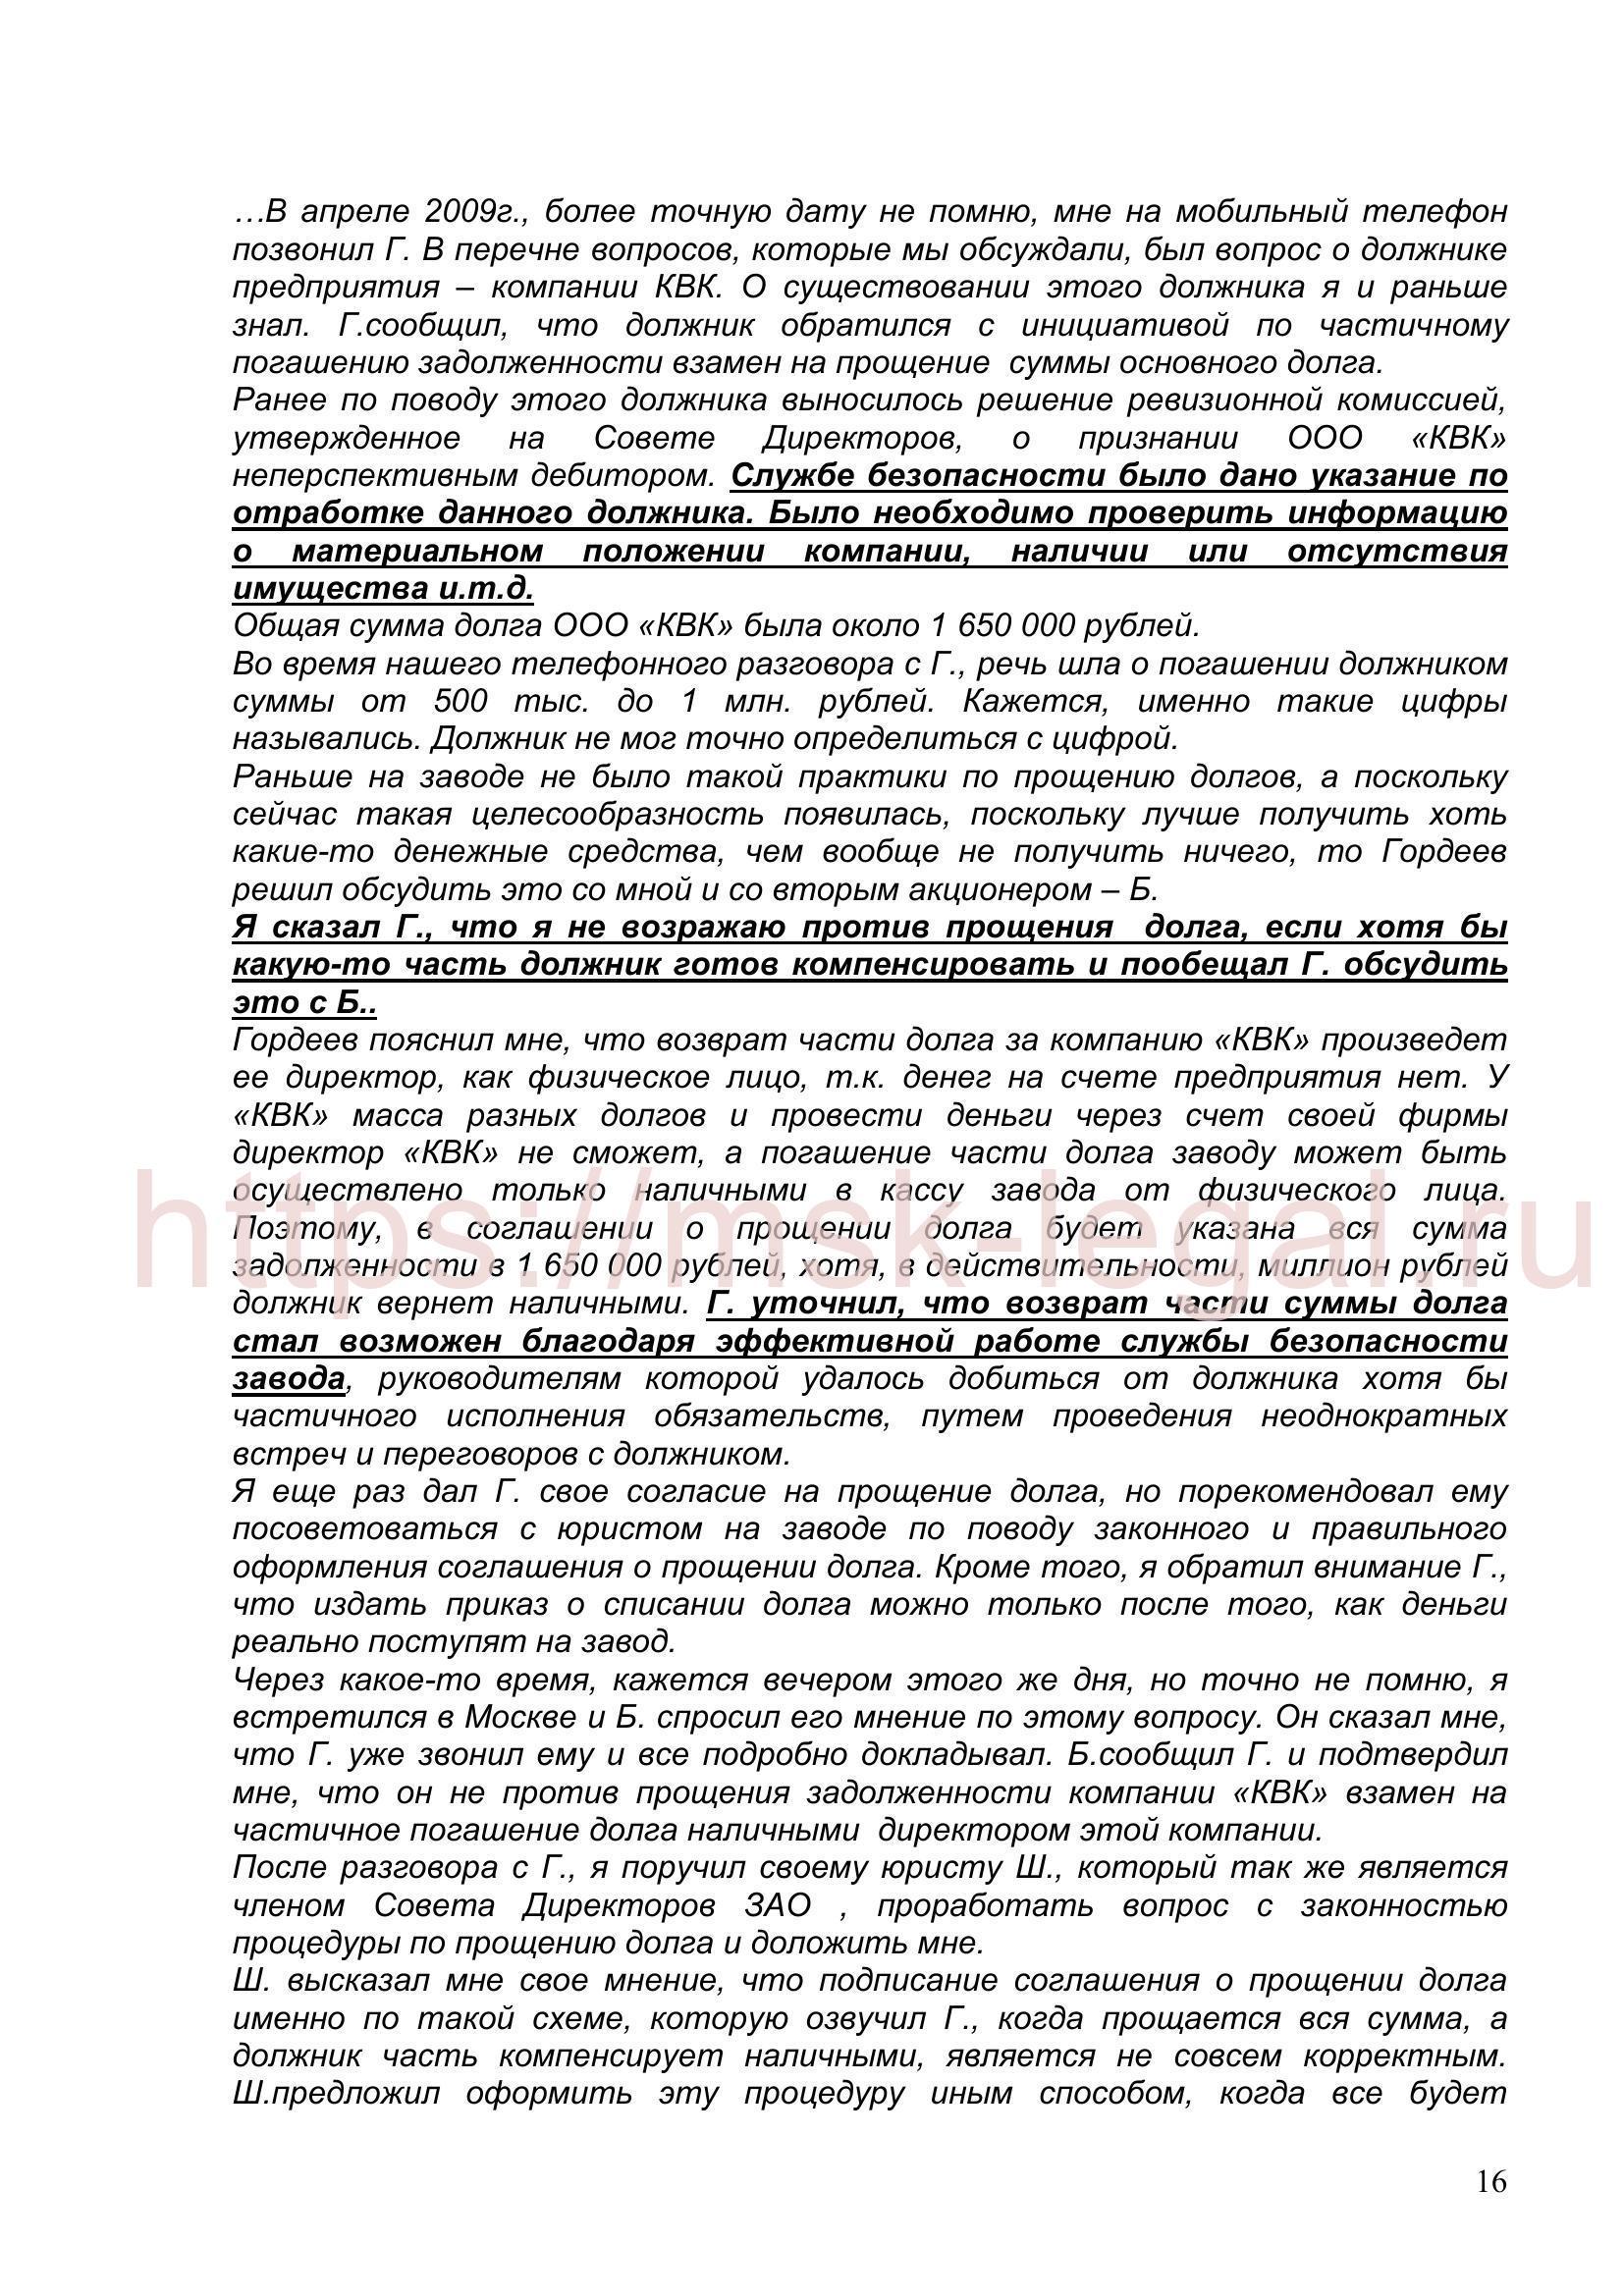 О прекращении уголовного дела по ст. 204 УК РФ на основании п. 2 ч. 1 ст. 24 УПК РФ